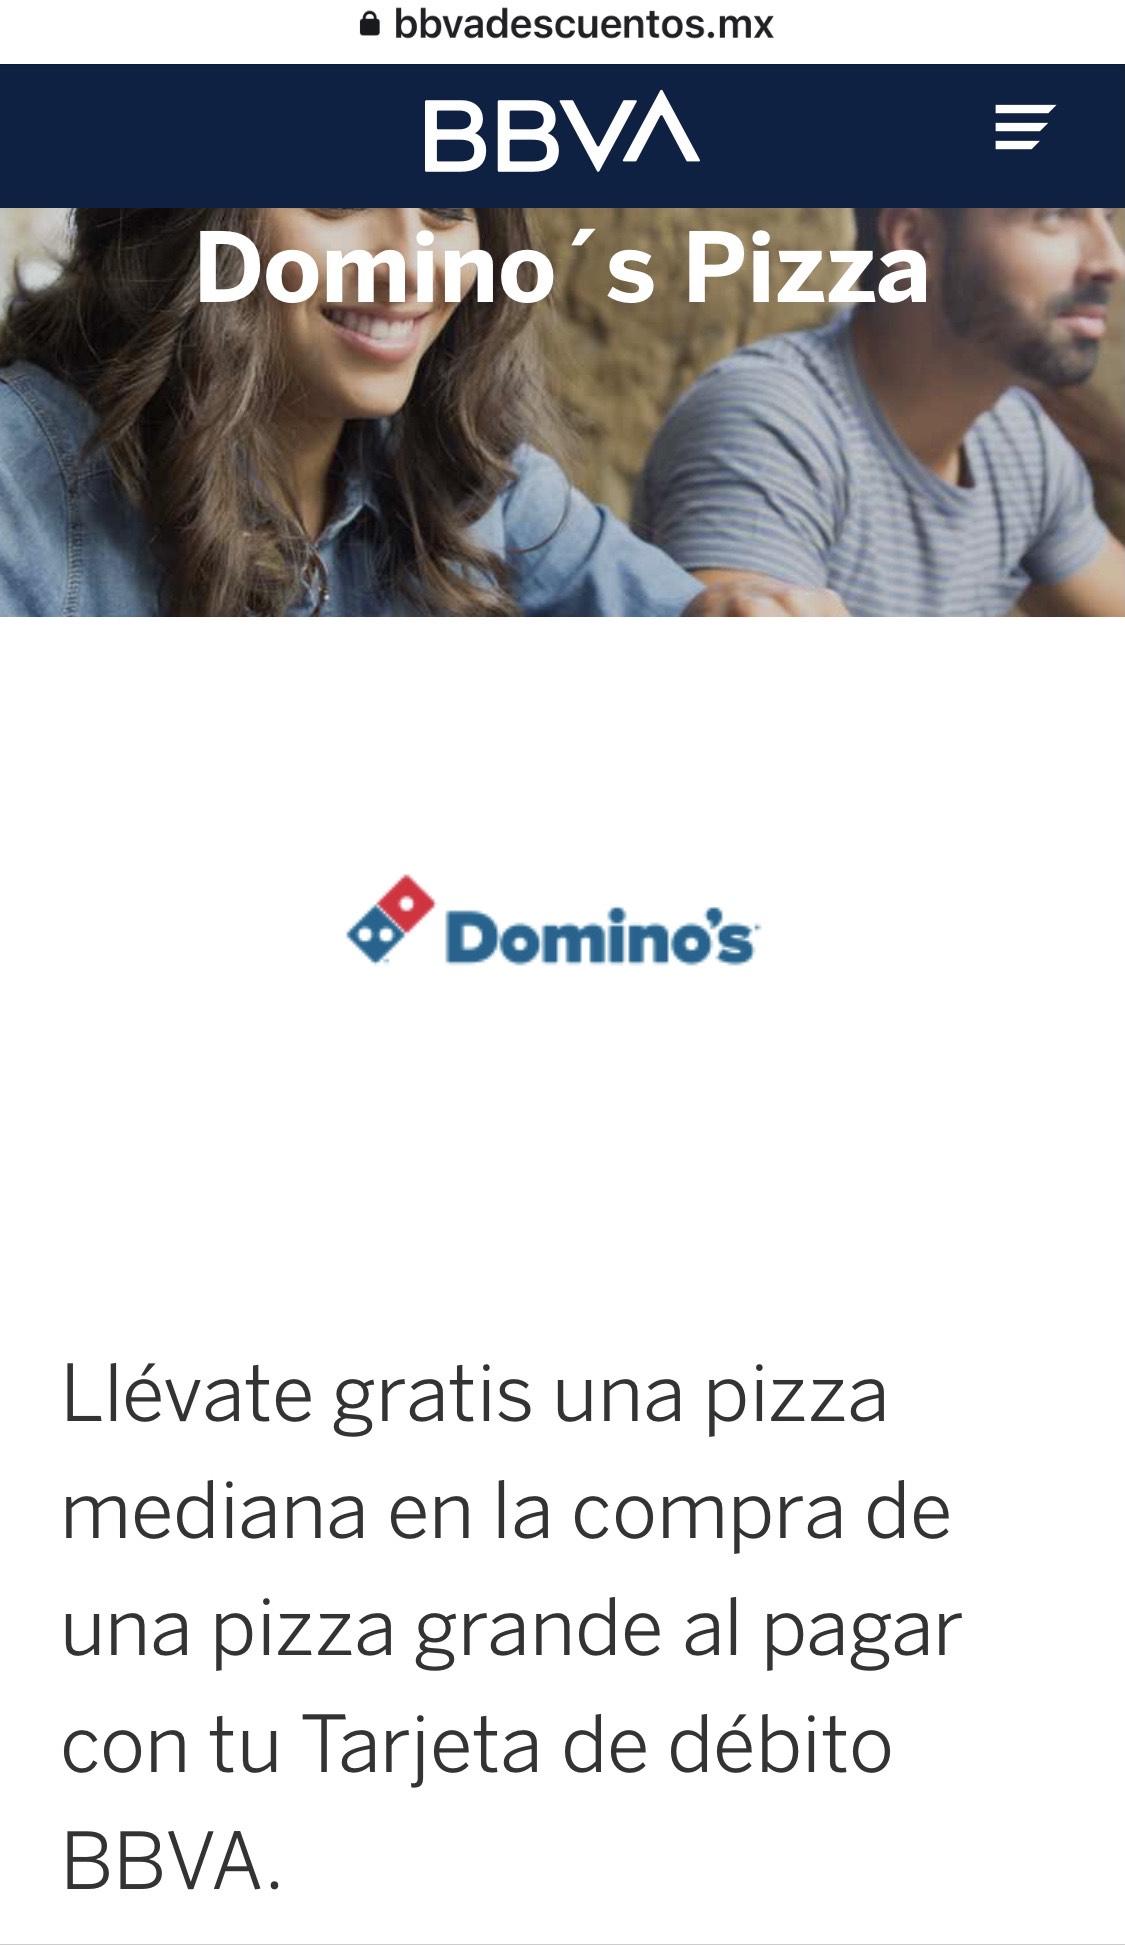 Domino's Pizza: pizza mediana 1 ingrediente gratis, en la compra de una pizza grande con BBVA